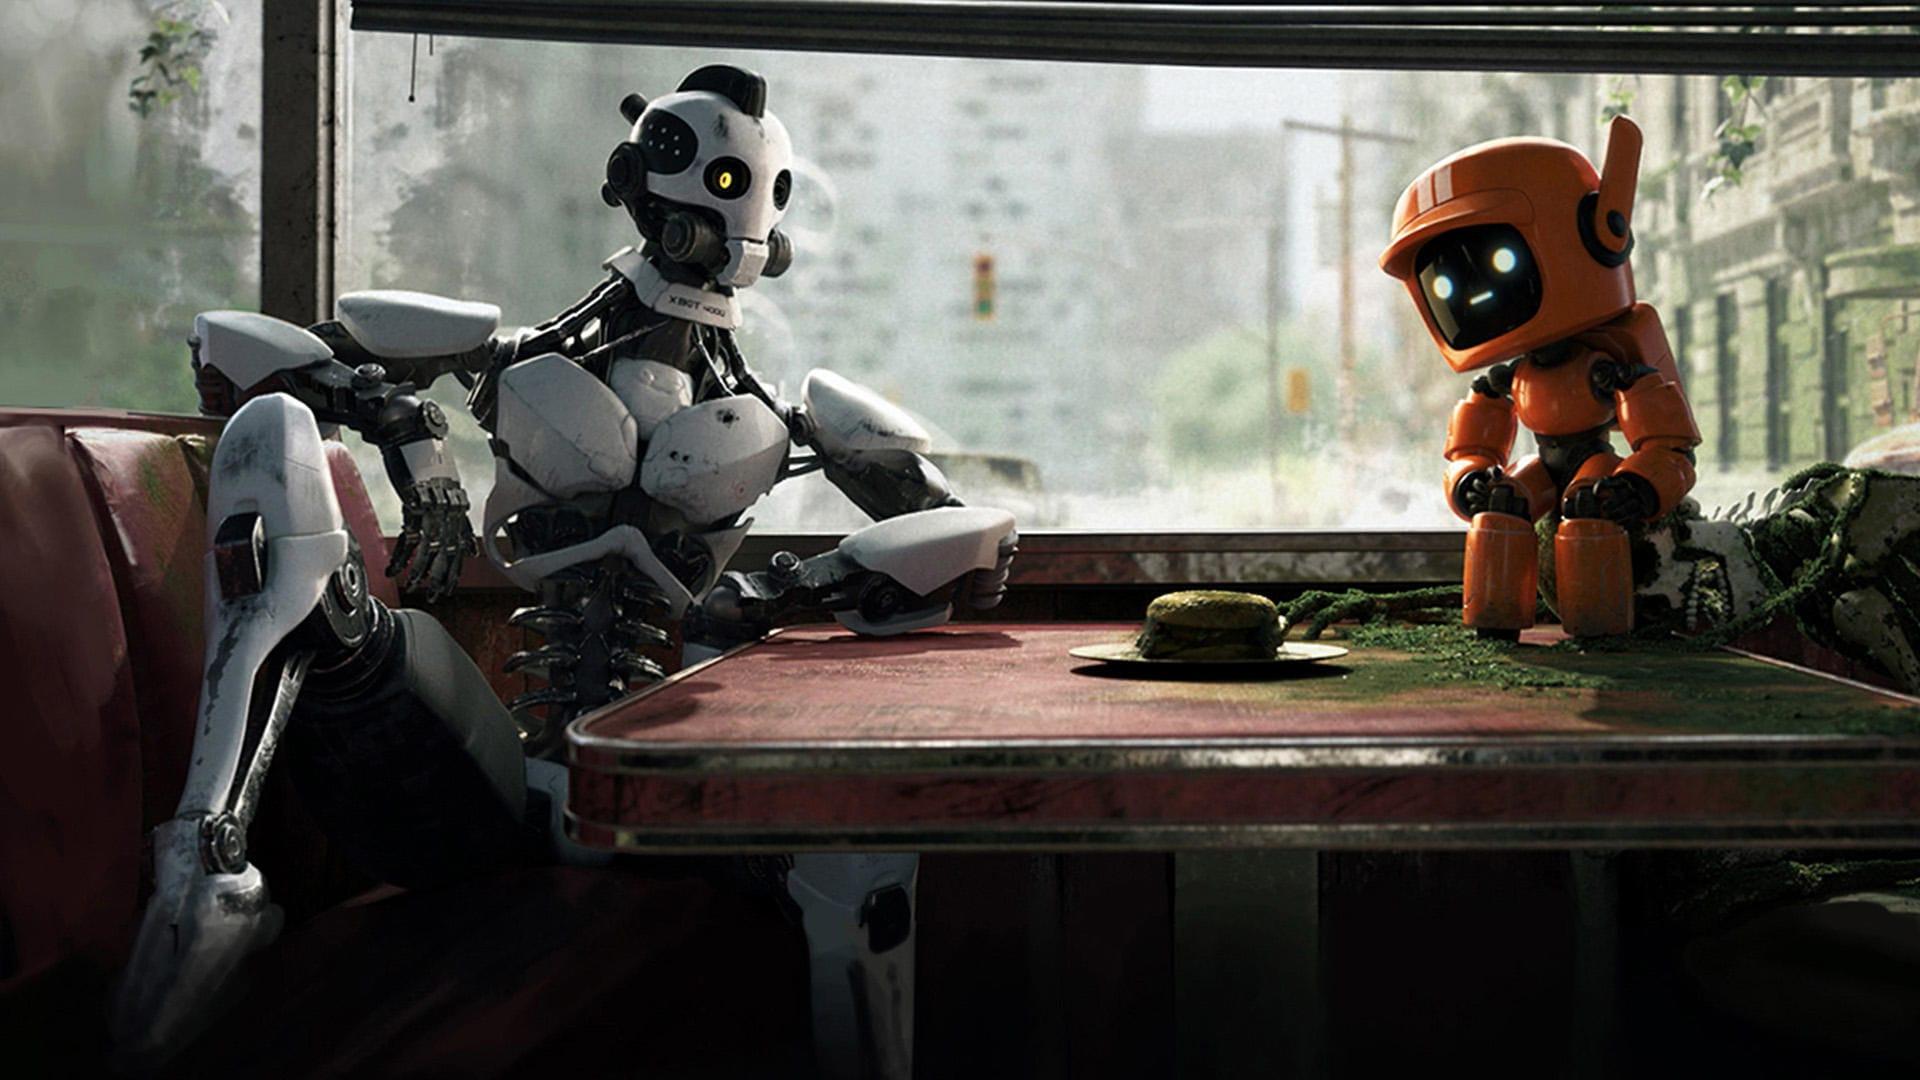 Втретьем сезоне «Любовь, смерть и роботы» покажут сиквел короткометражки Three Robots